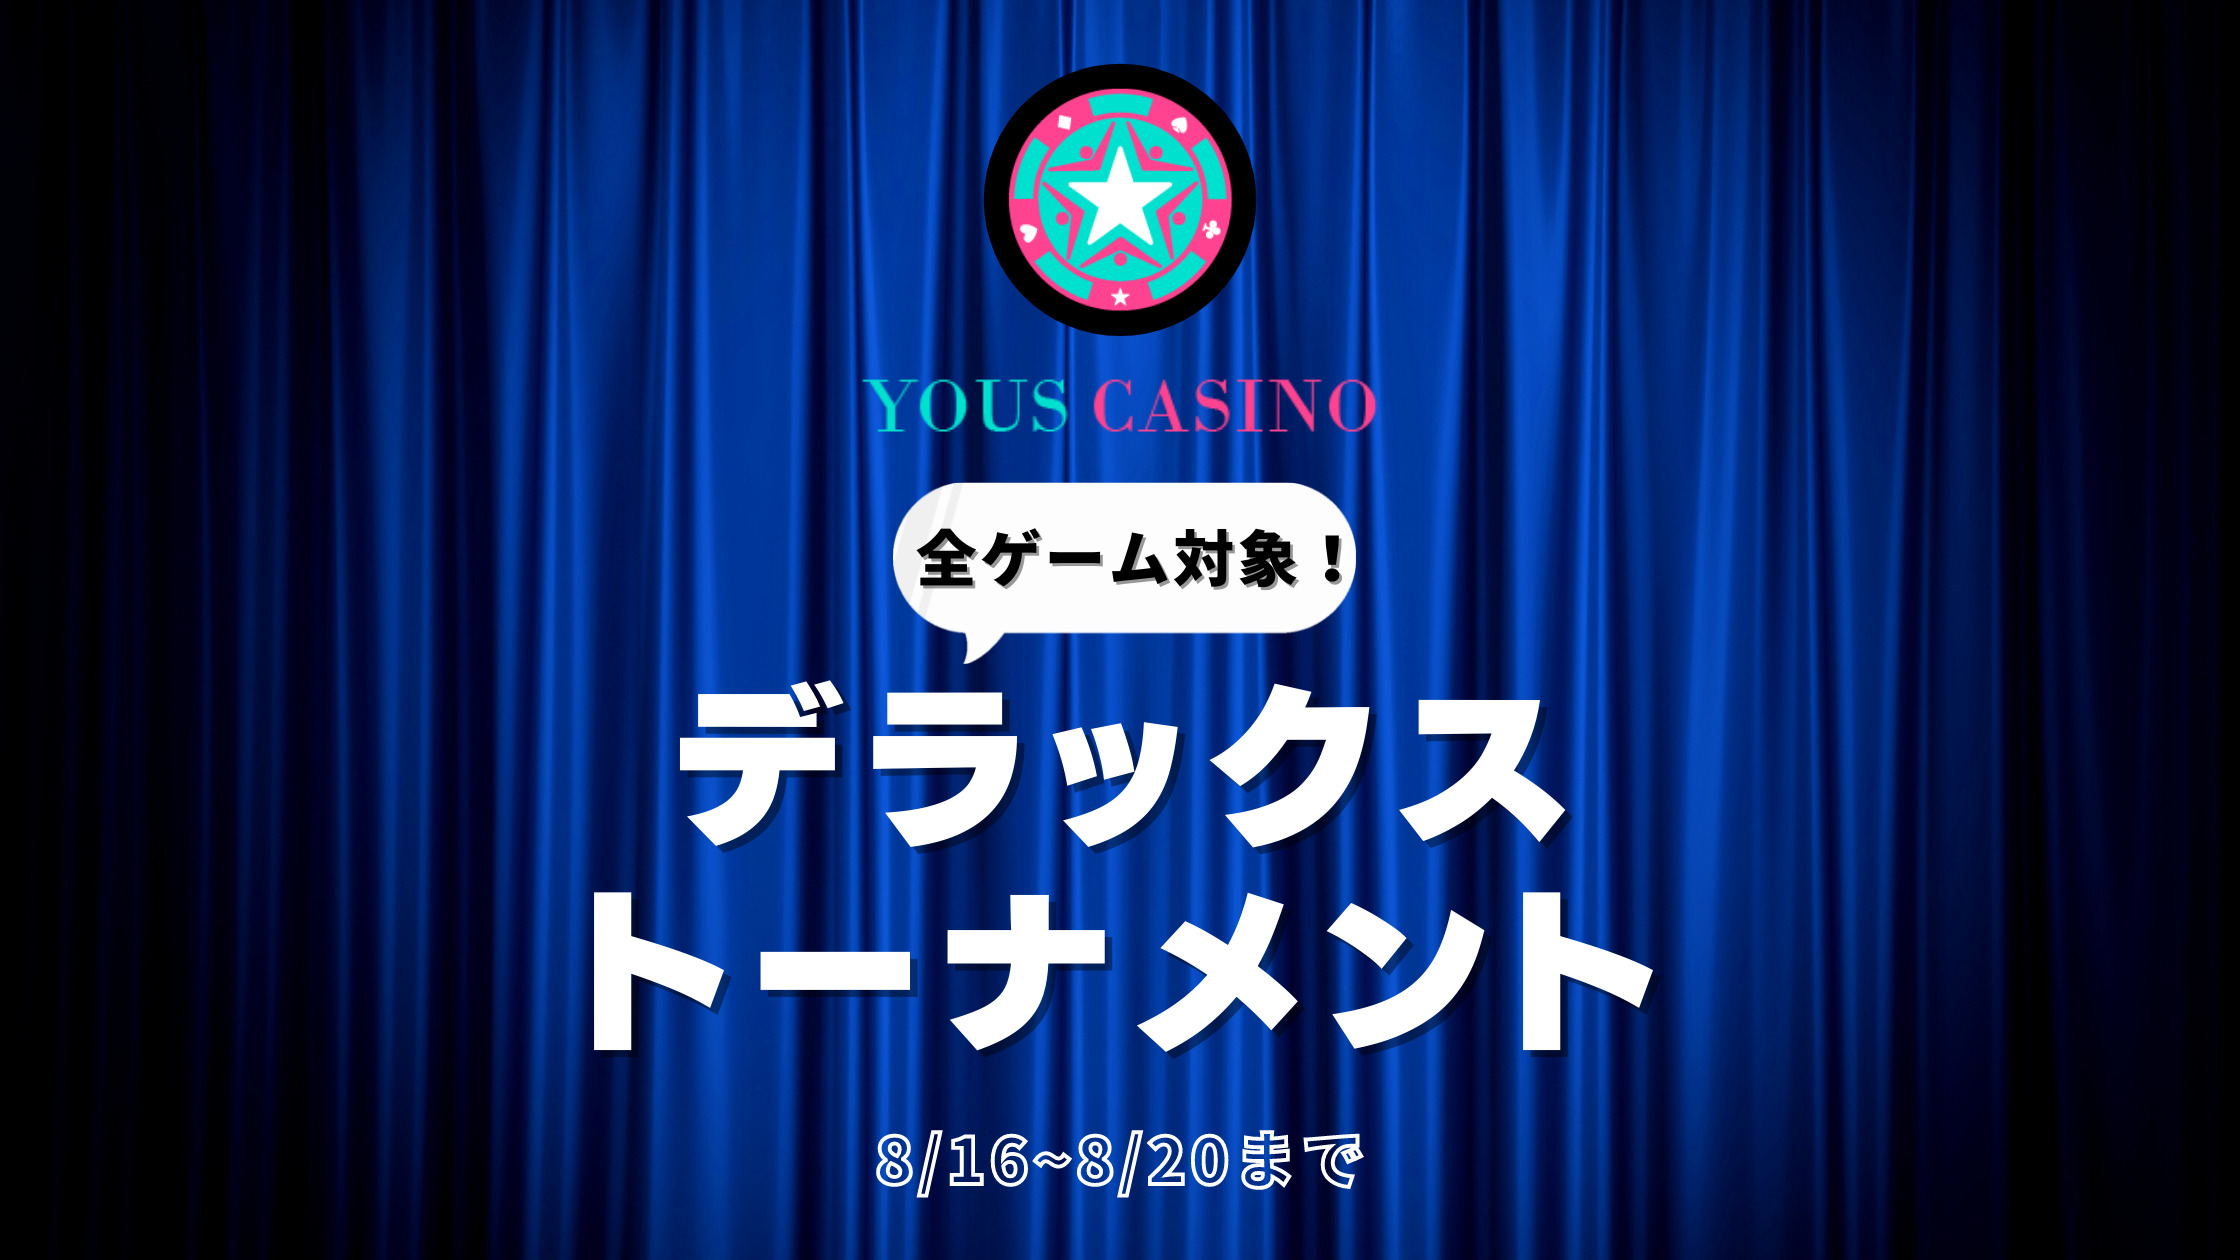 【ユースカジノ】総額200万円デラックストーナメント開催!!